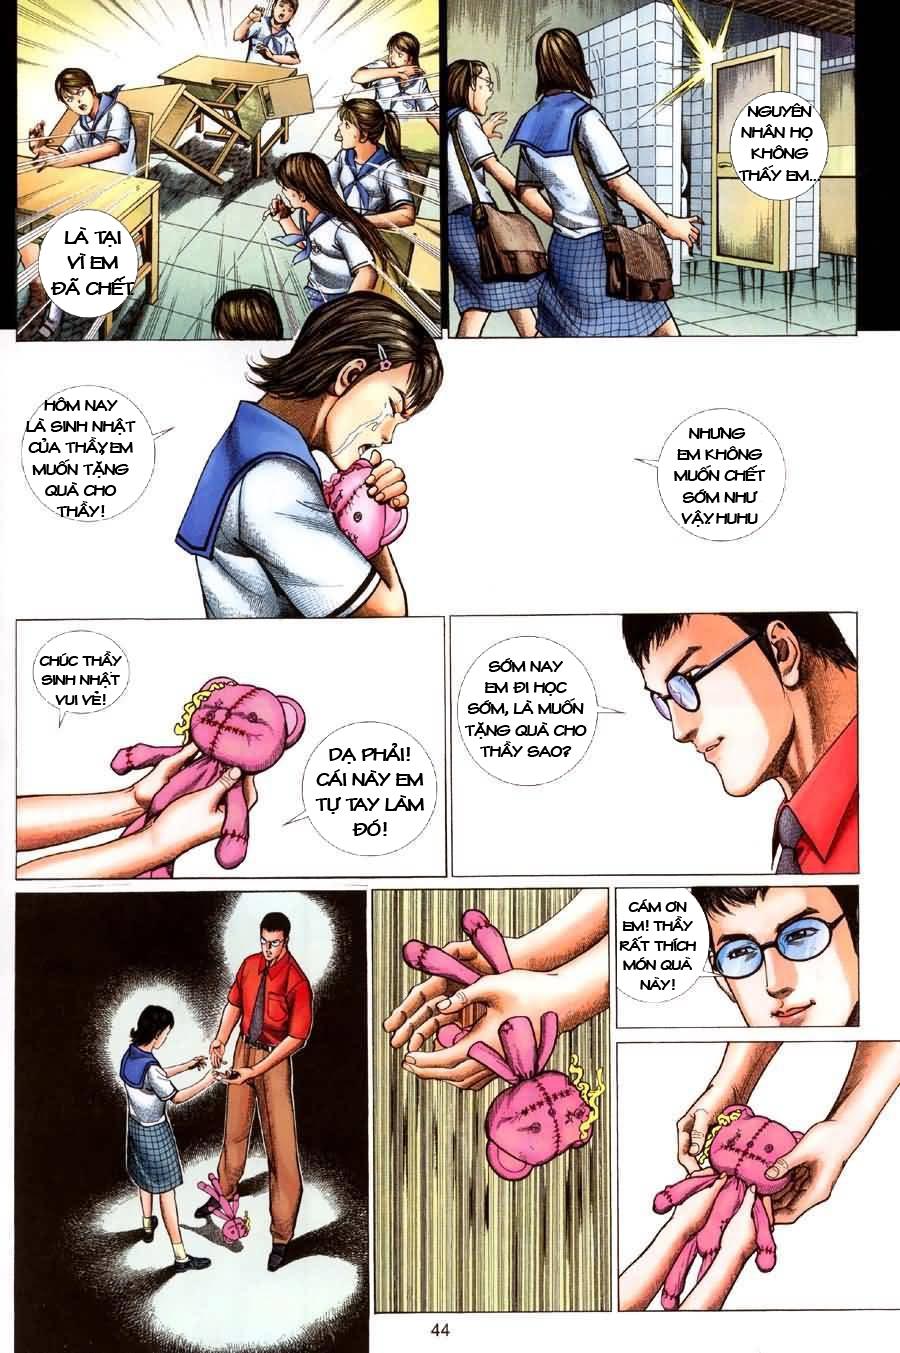 Quỷ Mộ chap 001 trang 44